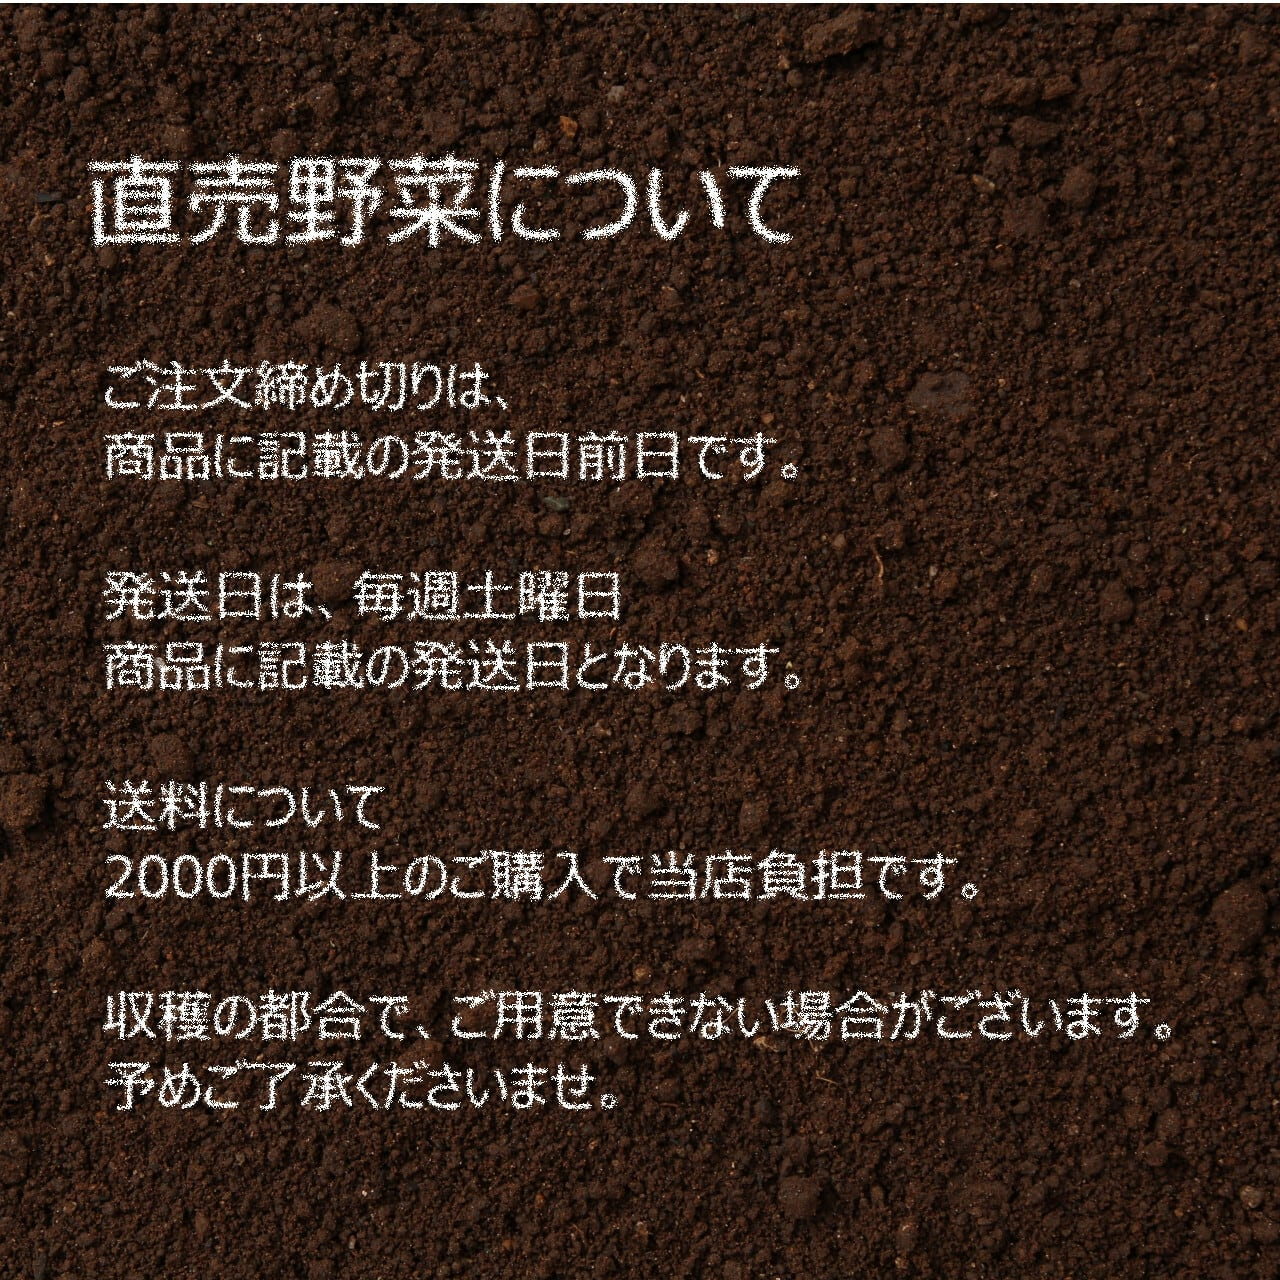 ししとう 約300g 朝採り直売野菜 7月の新鮮な夏野菜 7月4日発送予定